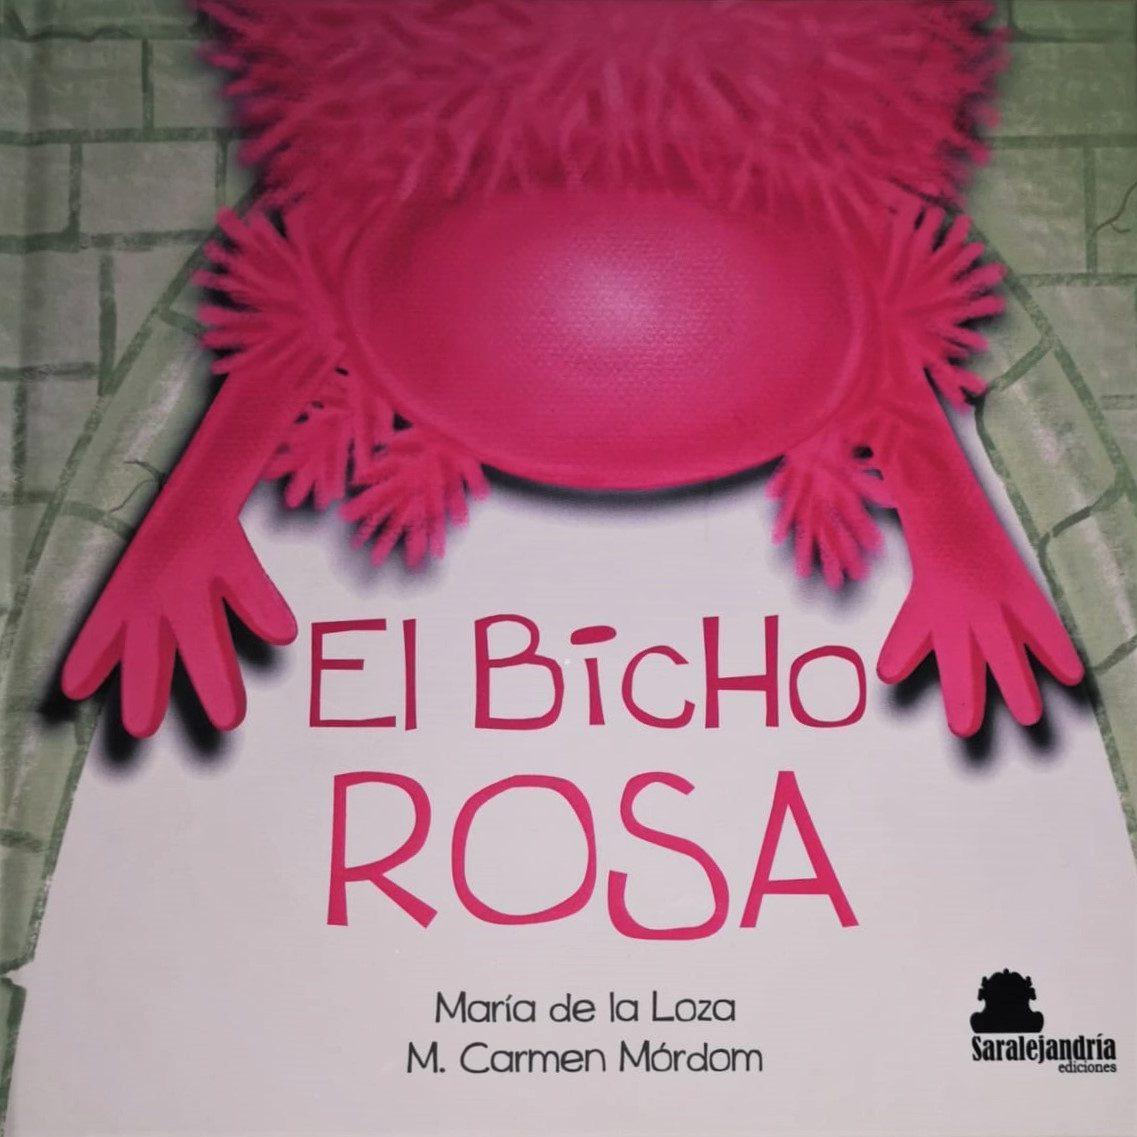 El Bicho Rosa Portada 1137x1137 - Inicio